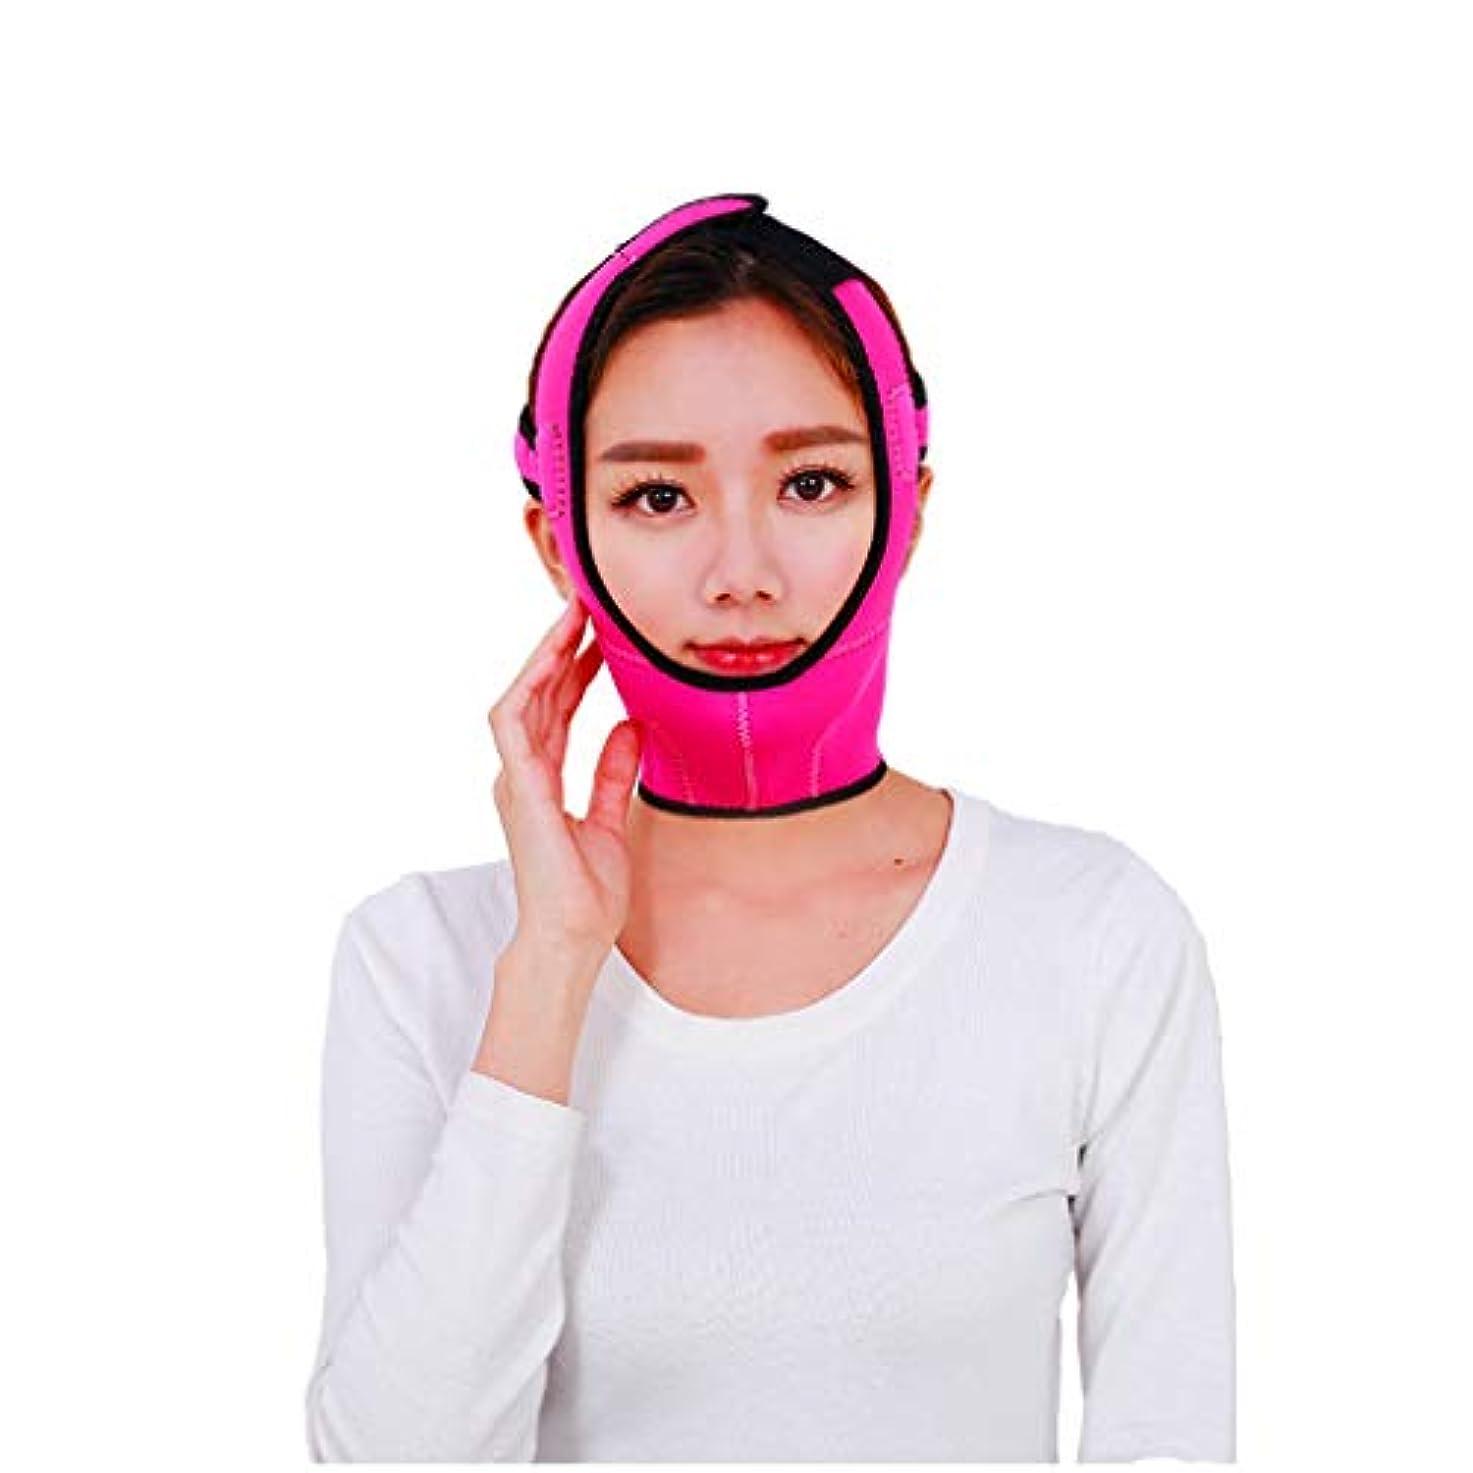 フォームコンサートスプリット顔のマスクは、胸の皮膚を引き締め首の皮膚を強化収縮リフティング包帯を和らげる